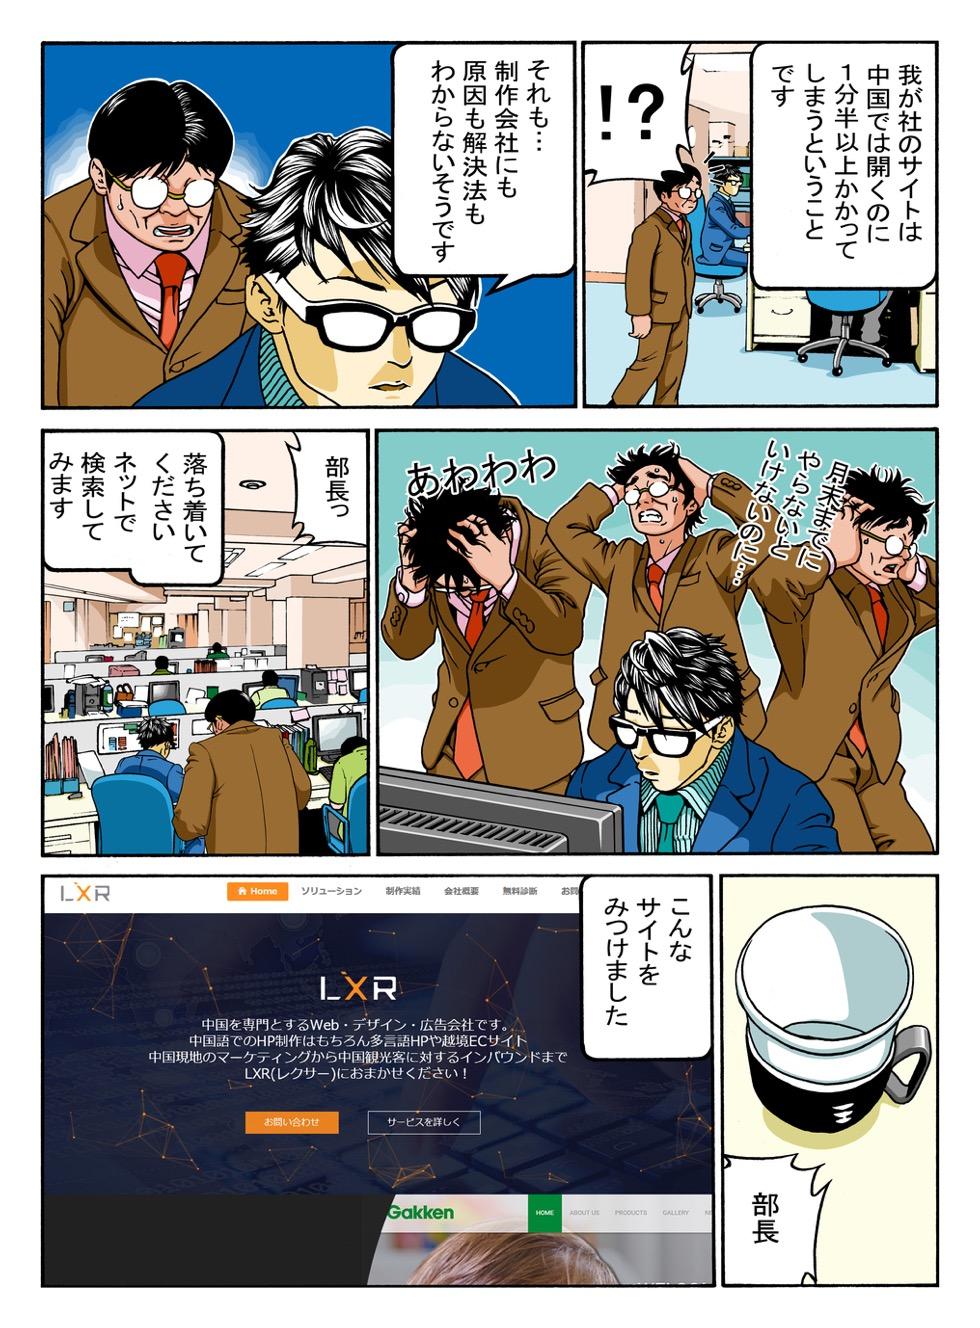 manga_3